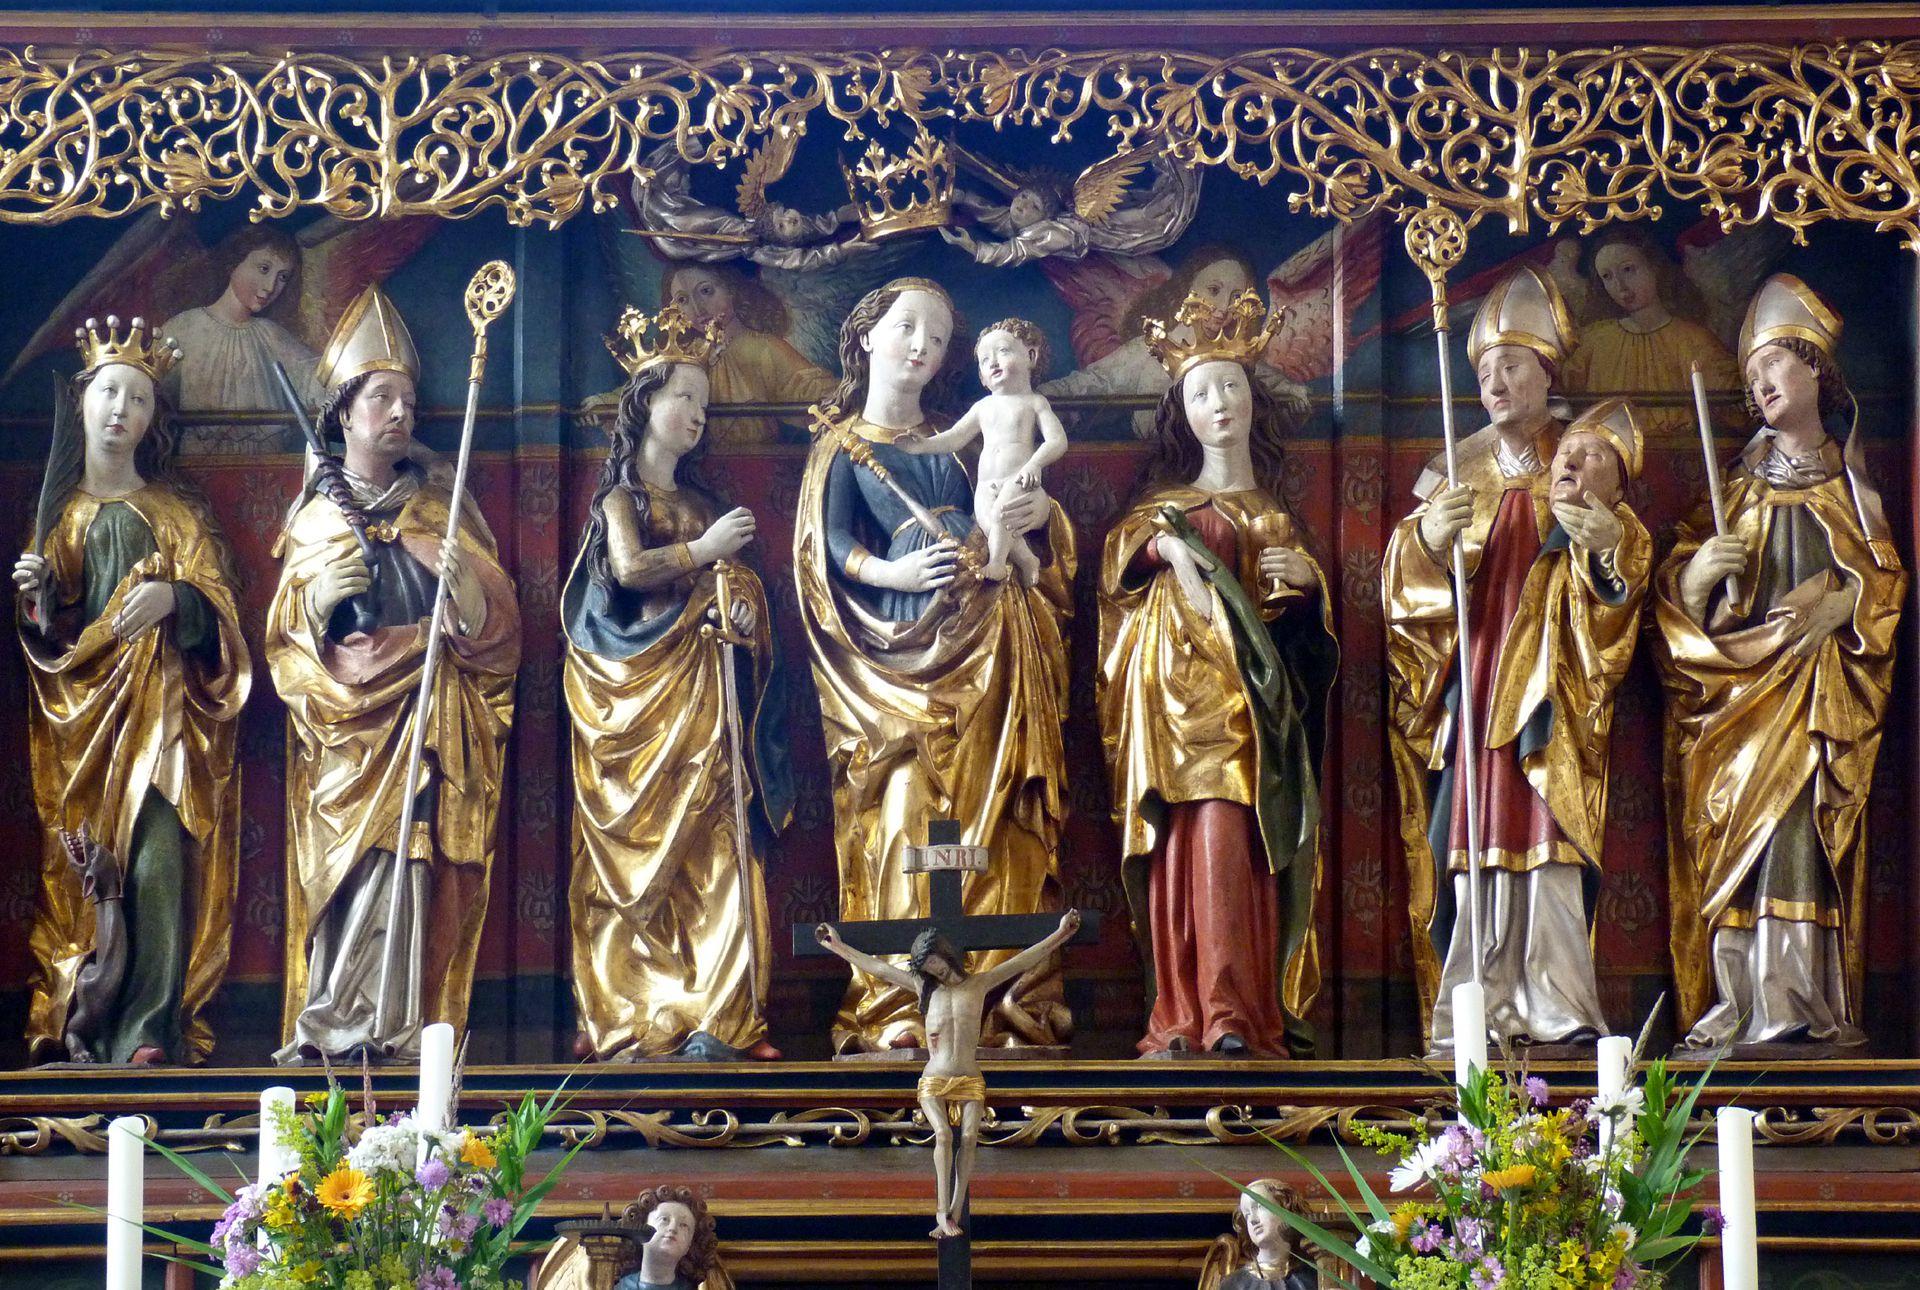 Osternoher Altar Schrein, von l. nach r.: Hll. Margareta, Erasmus, Katharina, Maria mit dem Kind, Barbara, Dionysius und Blasius